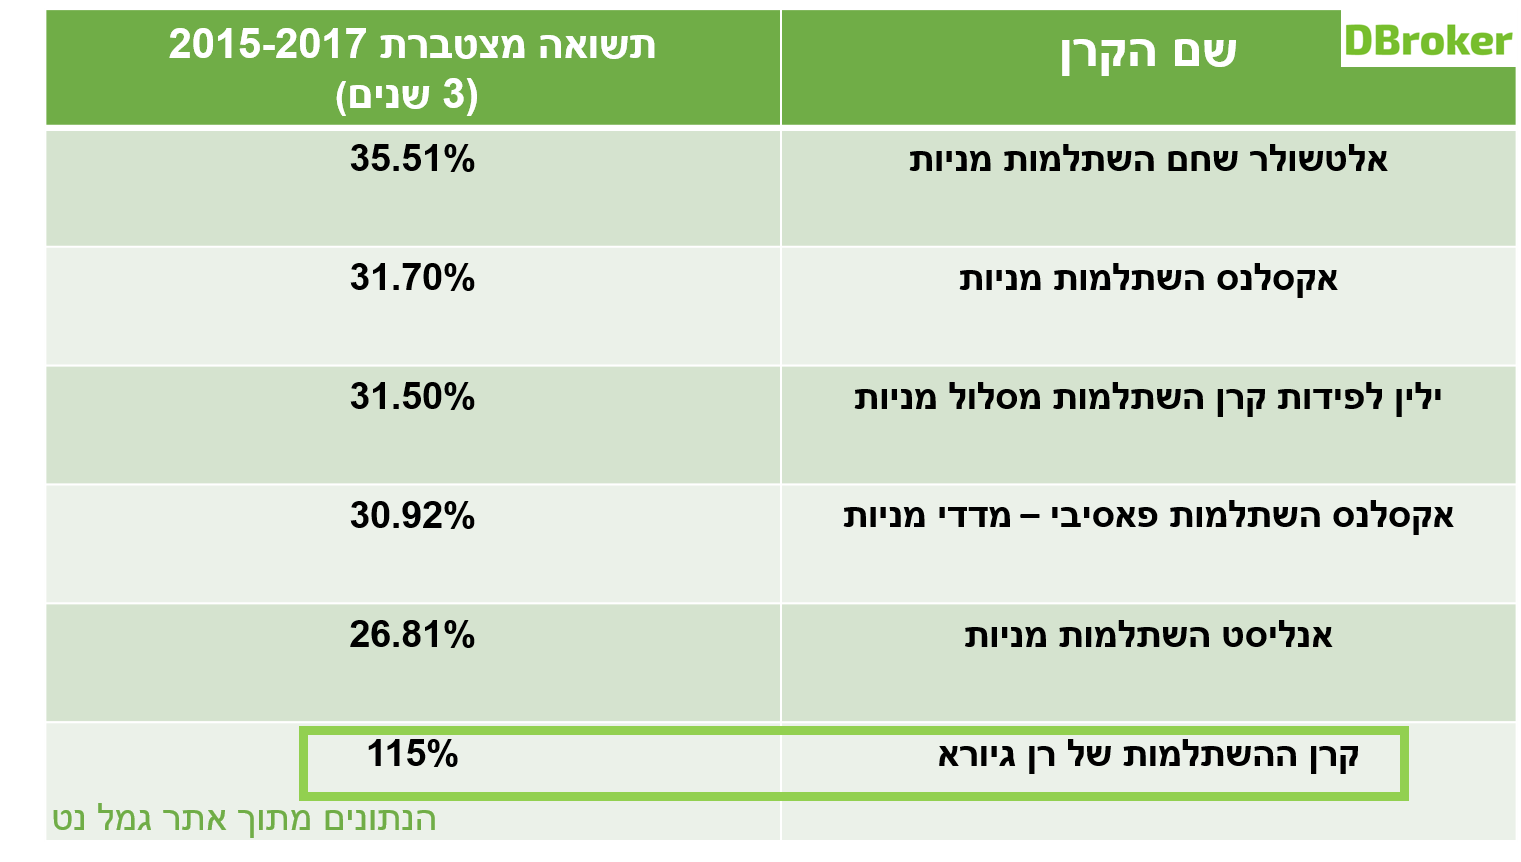 טבלה המסכמת את ביצועי קרנות ההשתלמות הטובות ביותר בארץ בין השנים 2015-2017